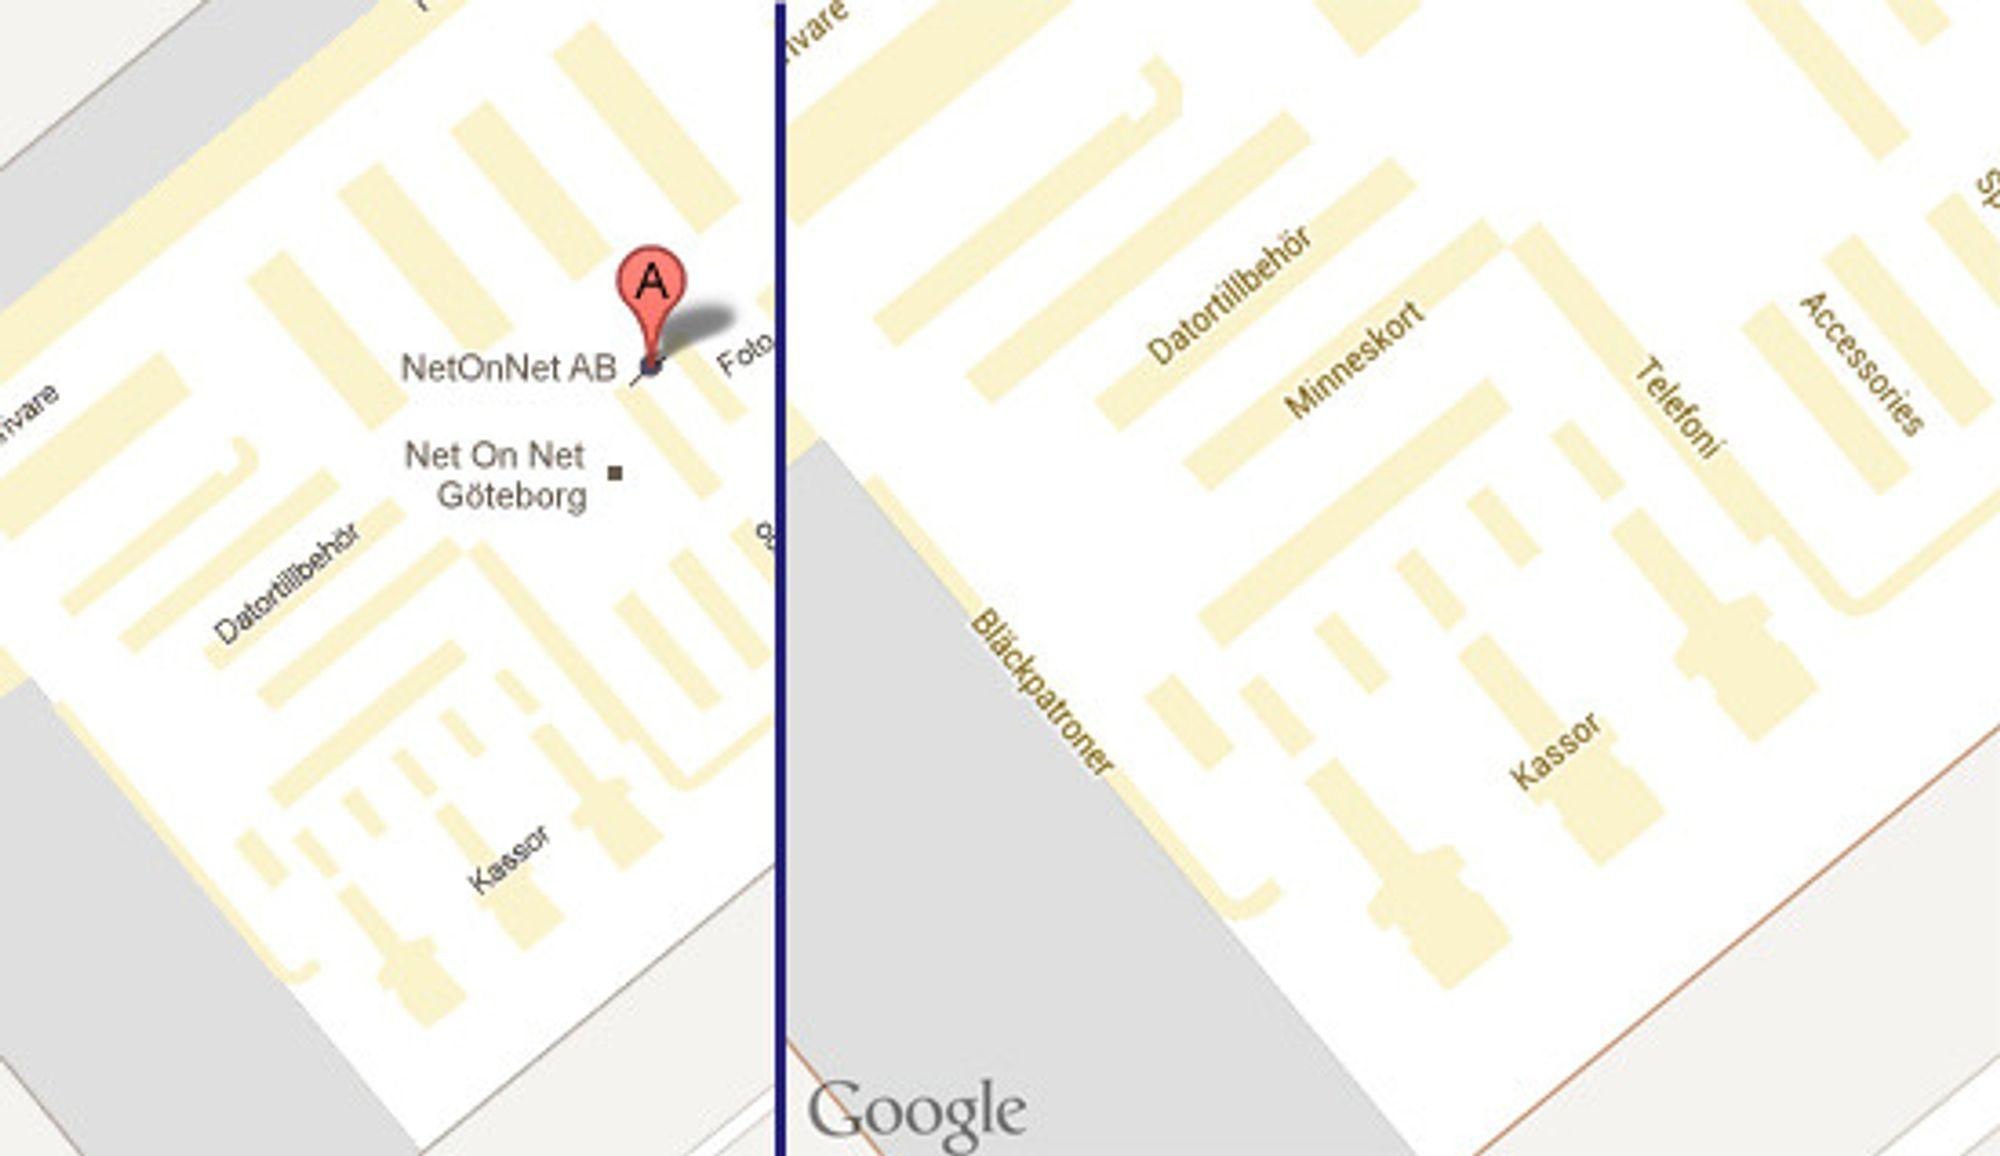 Oppløsningen og detaljnivået i webutgaven er betydelig lavere enn i Android-utgaven. Her ser man et utsnitt av gulvplanen til NetOnNet i Gøteborg. Utsnittene viser omtrent det samme arealet, men Android-utgaven av kartet (til høyre) er langt mer detaljert, selv om det her vises med halvvert oppløsning. Kartet til venstre er fra webutgaven av Google Maps hvor vi har zoomet så langt inn som det går.